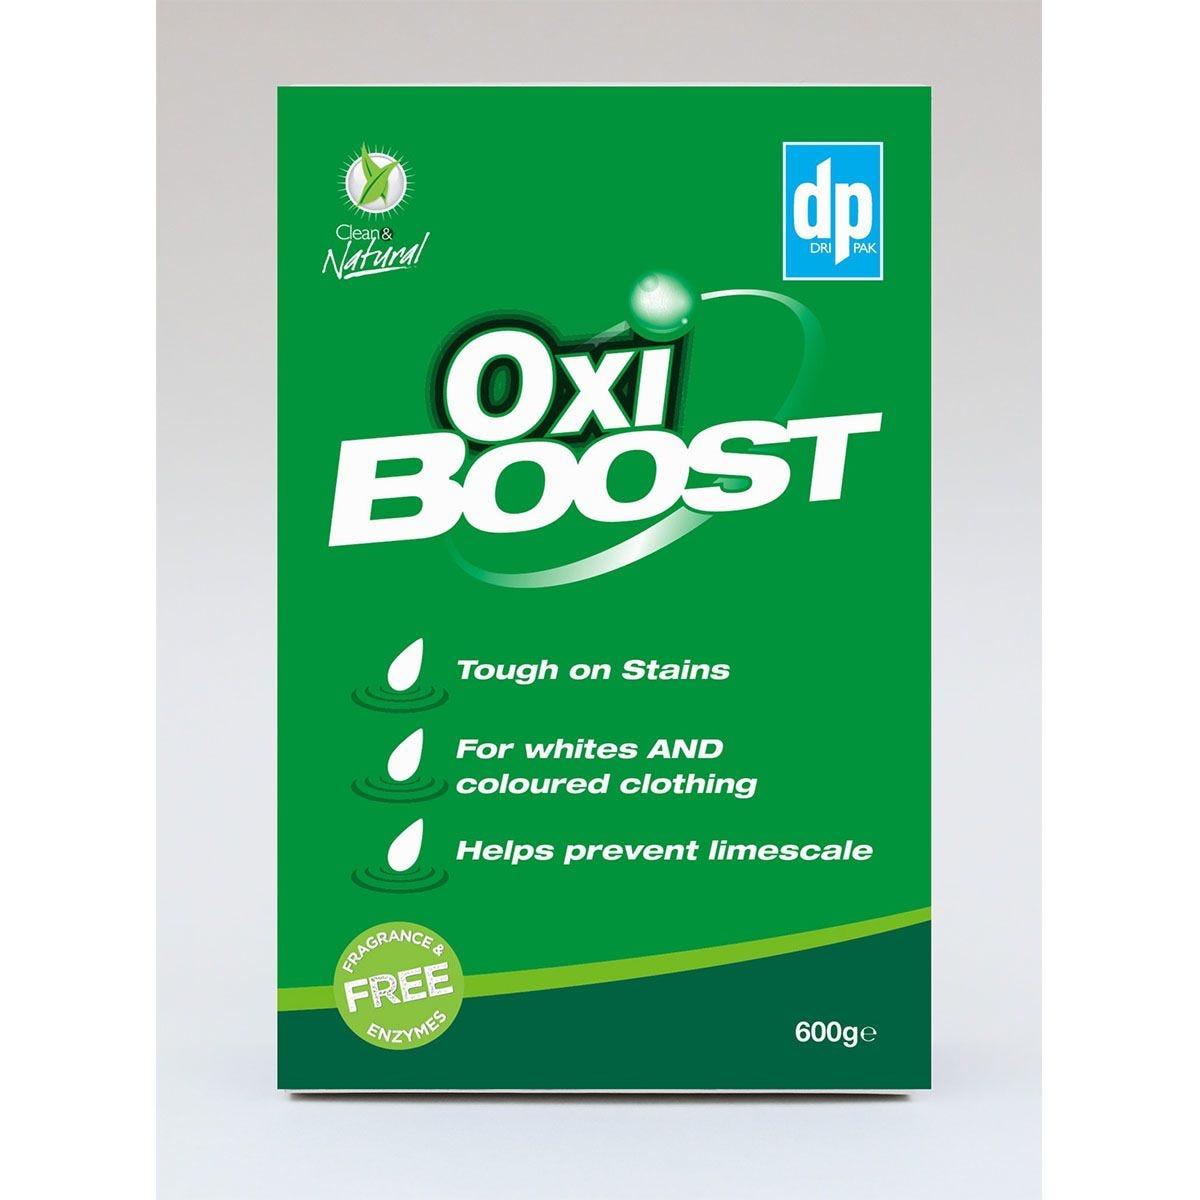 Dri-Pak Oxi Boost Stain Remover - 600g